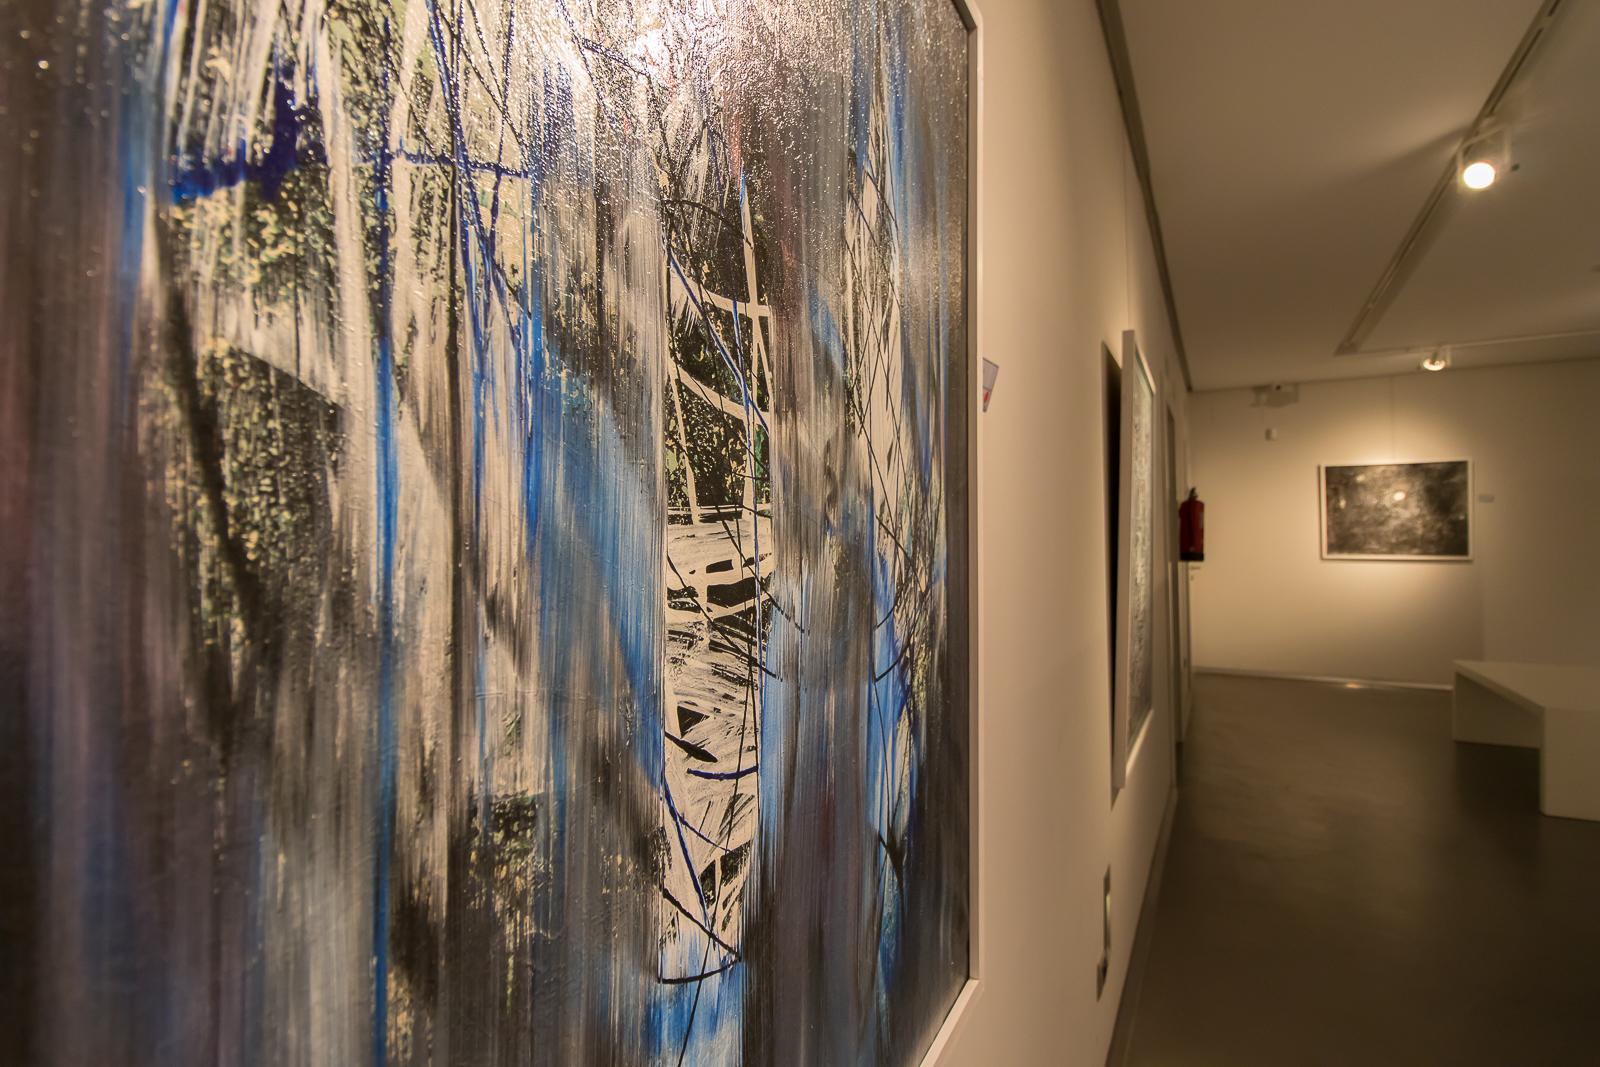 Venta de Obras de Arte Galería Cortabitarte